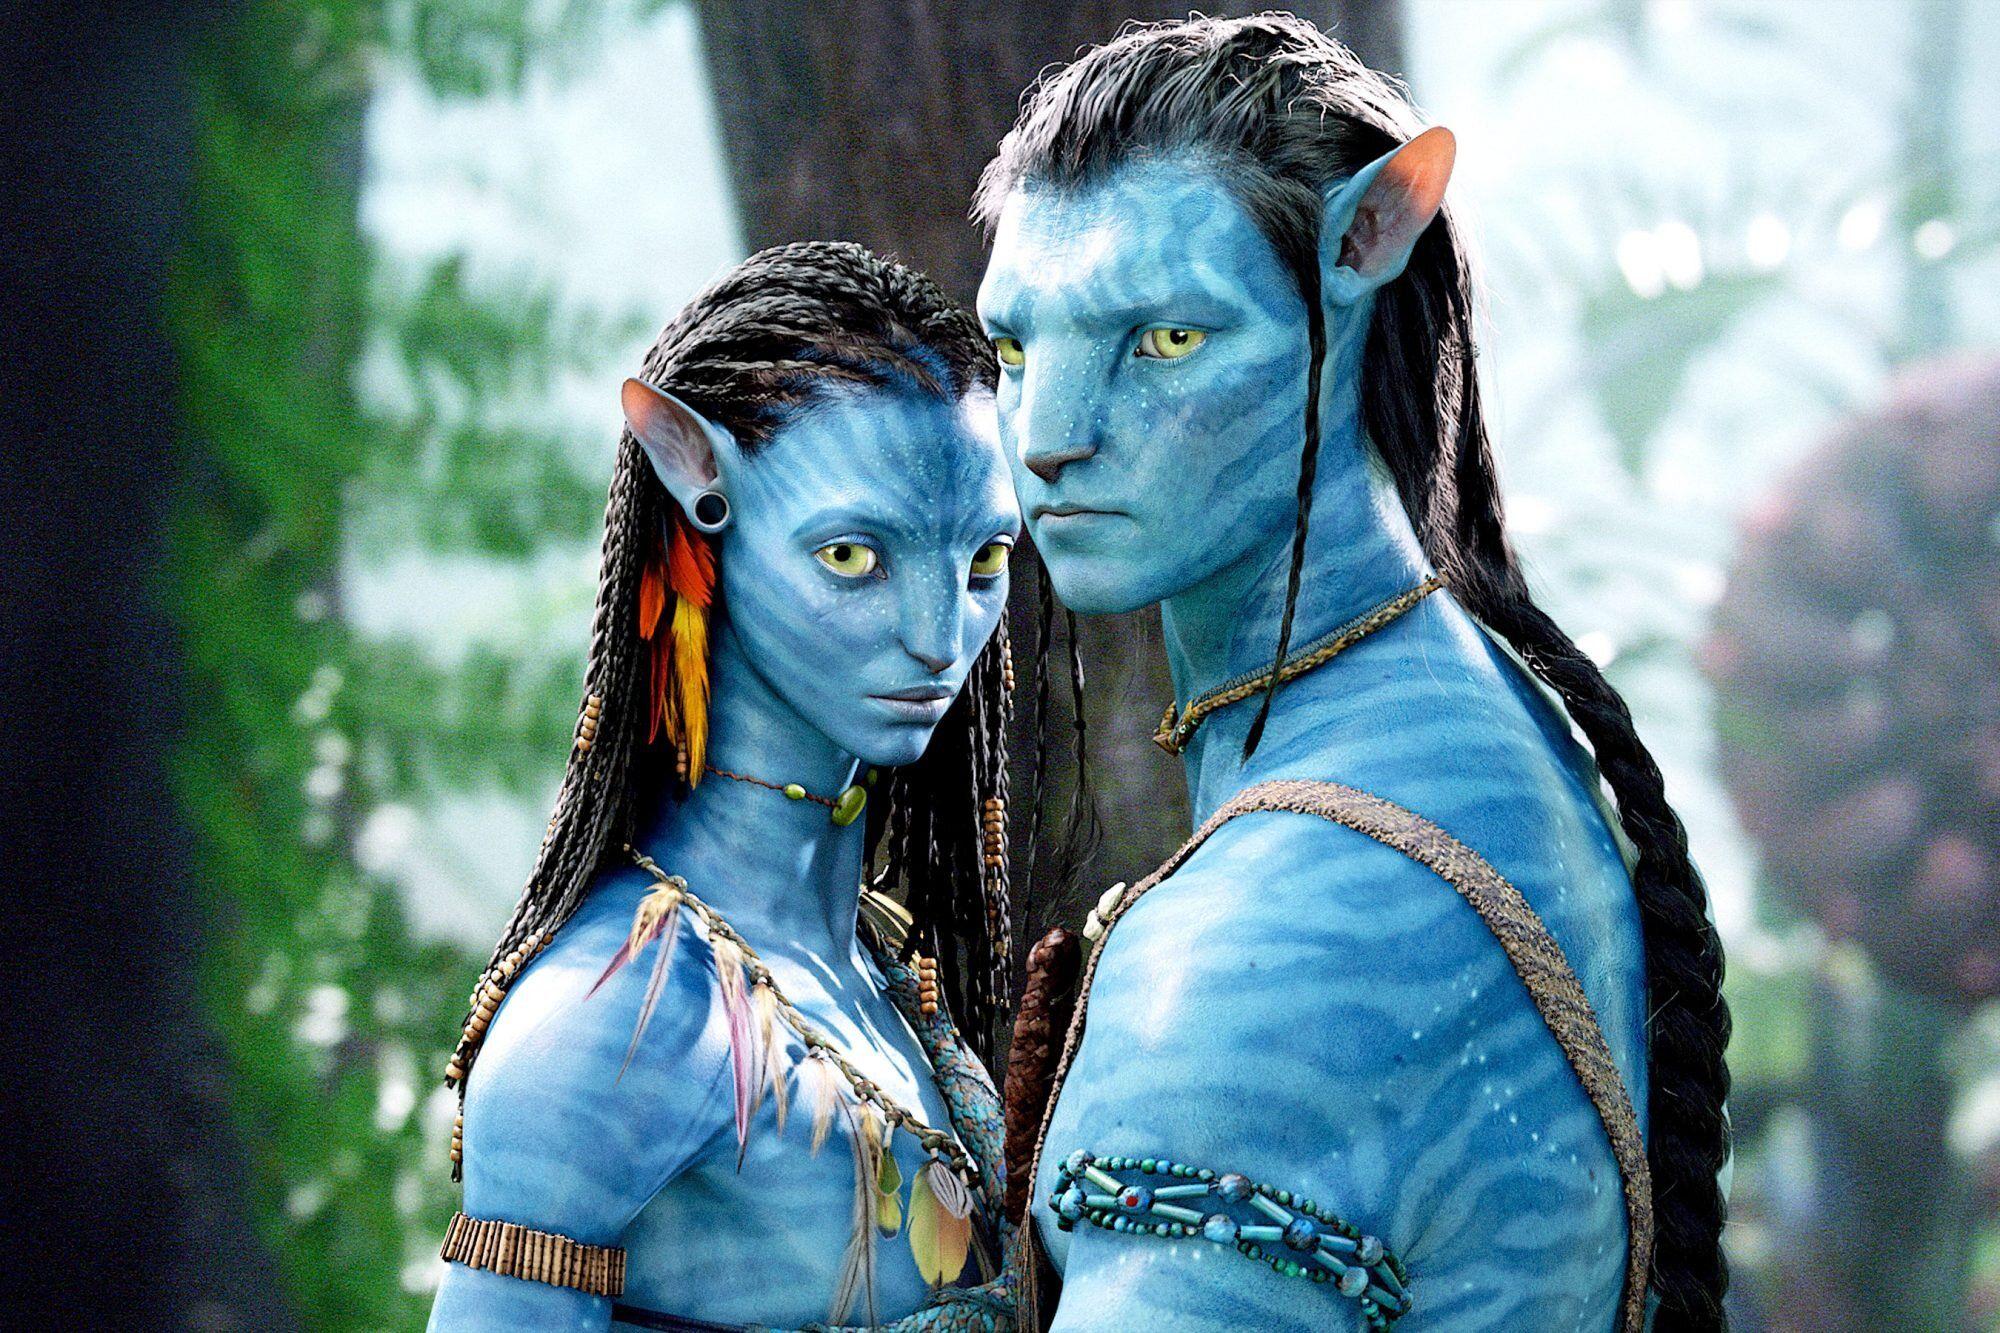 Sau 10 năm, dự án chuỗi hậu truyện của Avatar với kinh phí lên tới 1 tỷ USD cuối cùng đã khởi động.